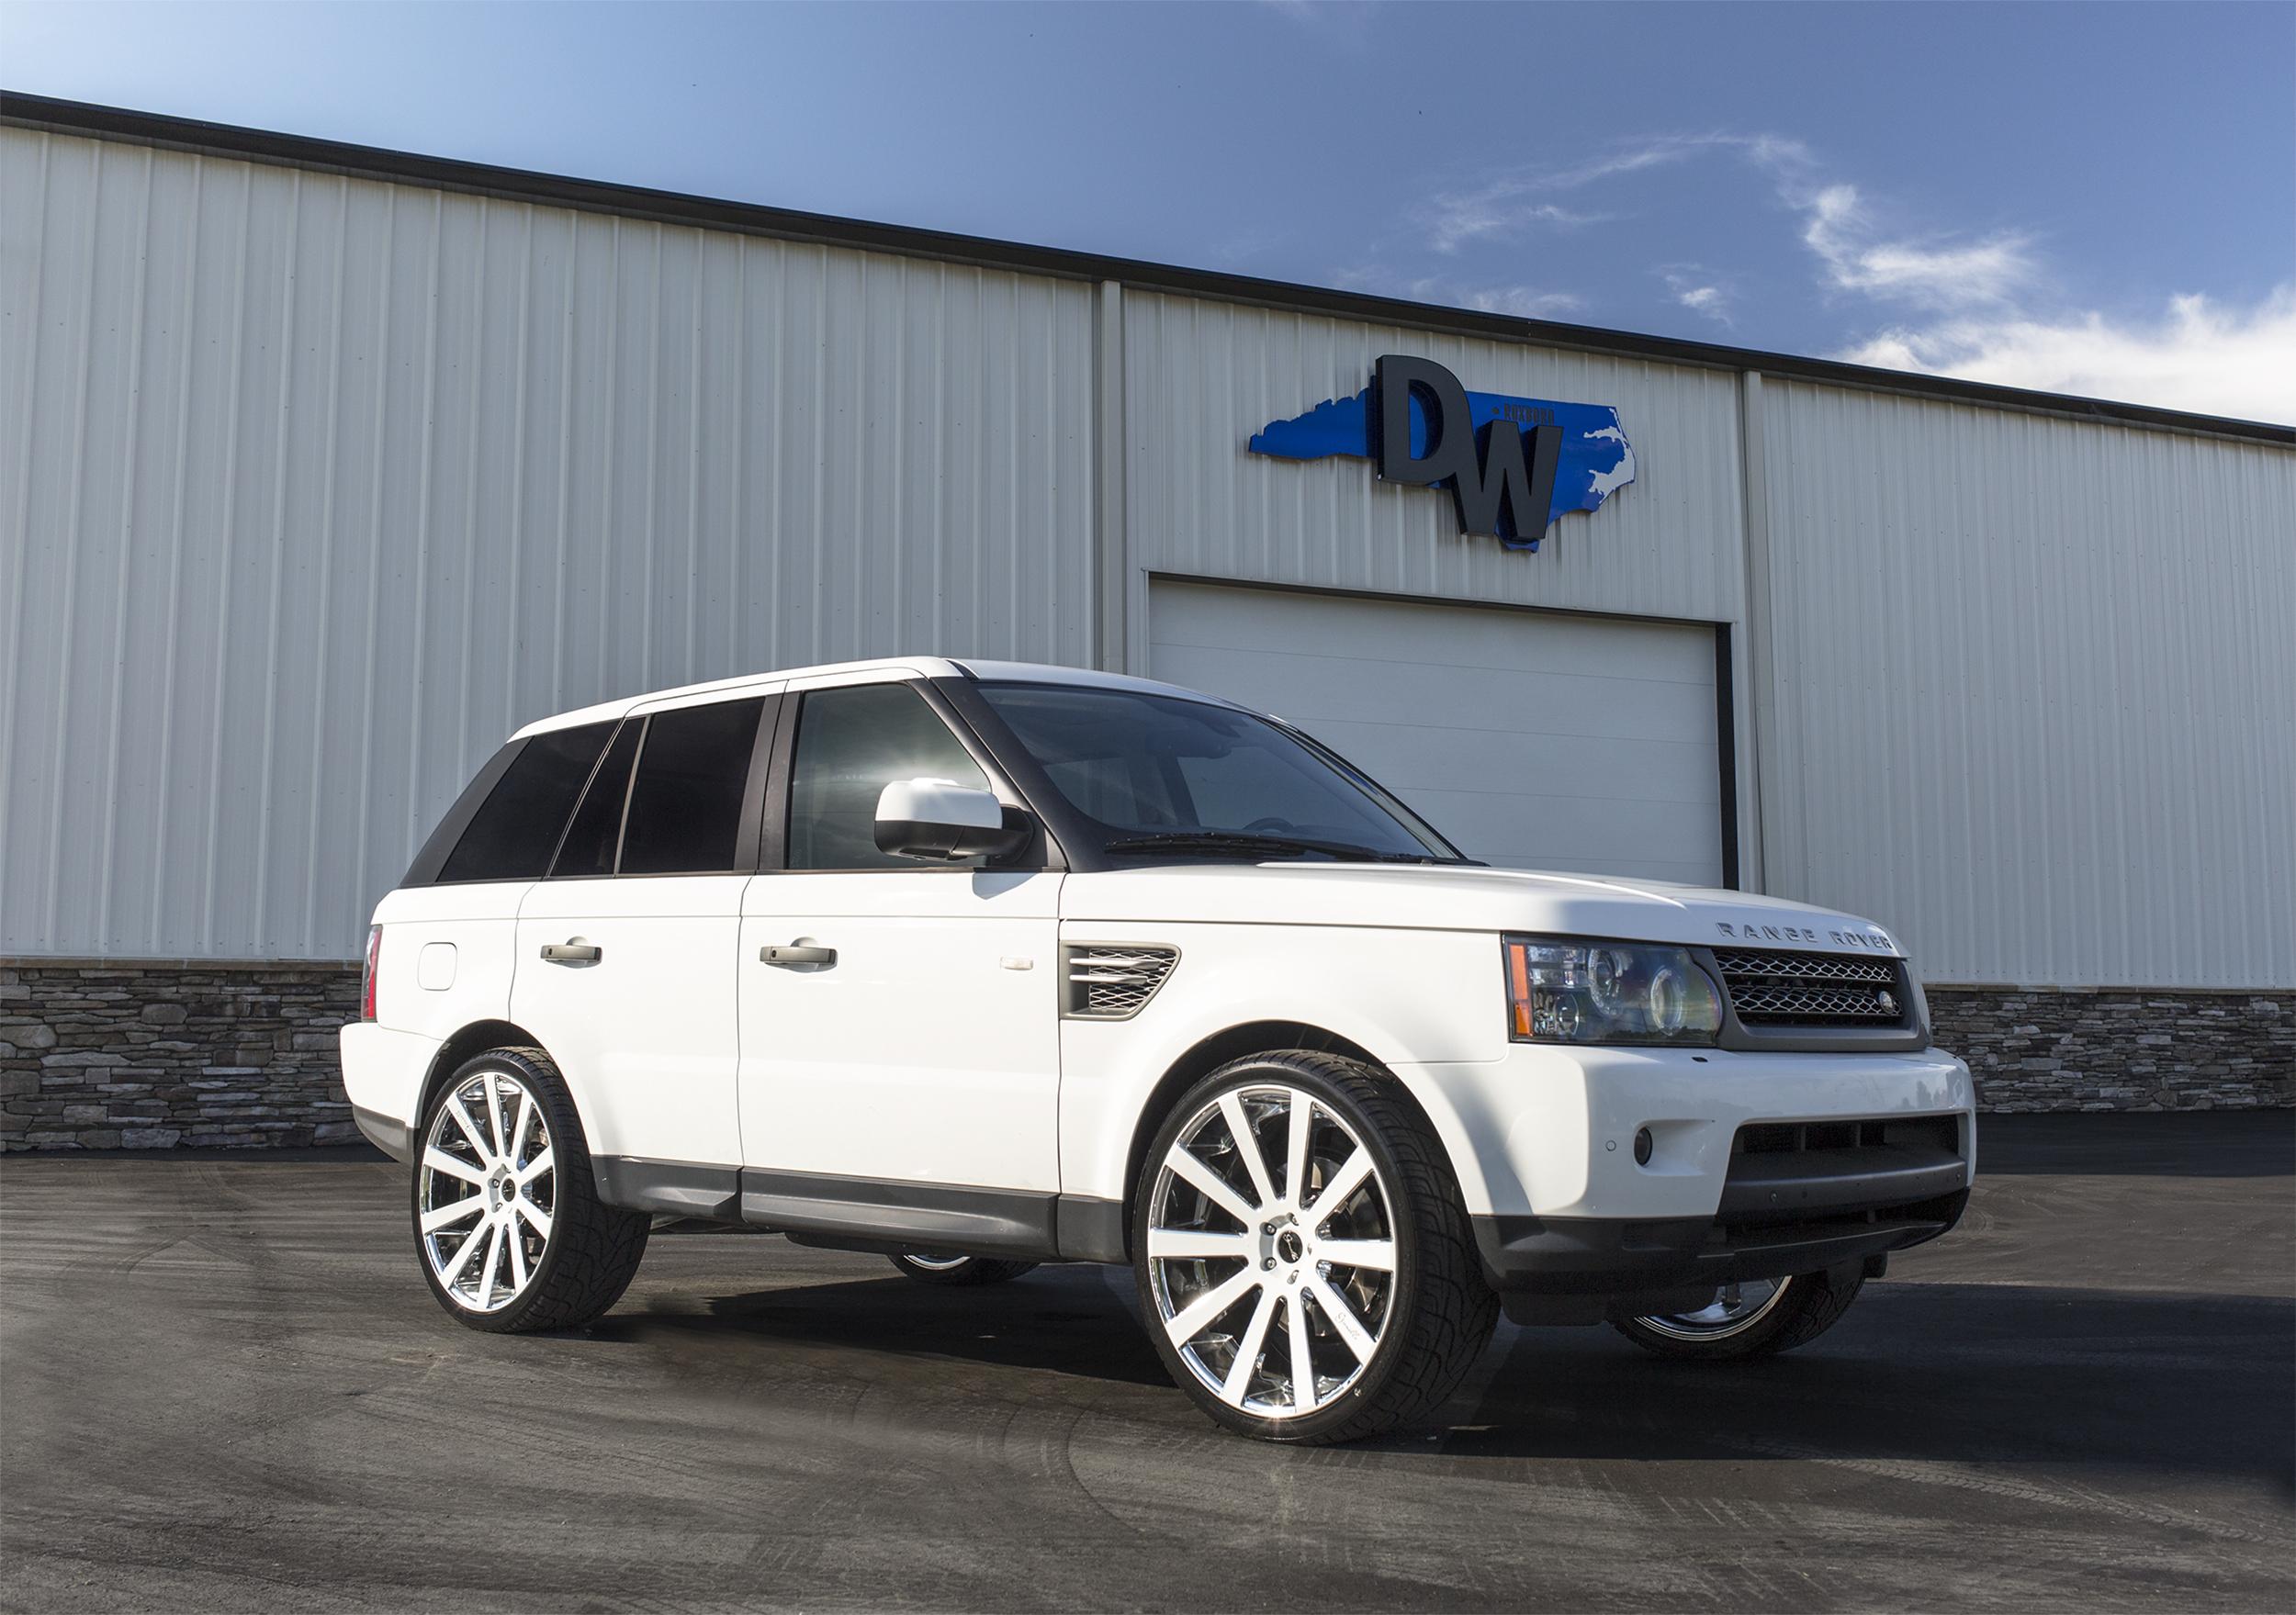 White-on-White-Range-Rover.jpg